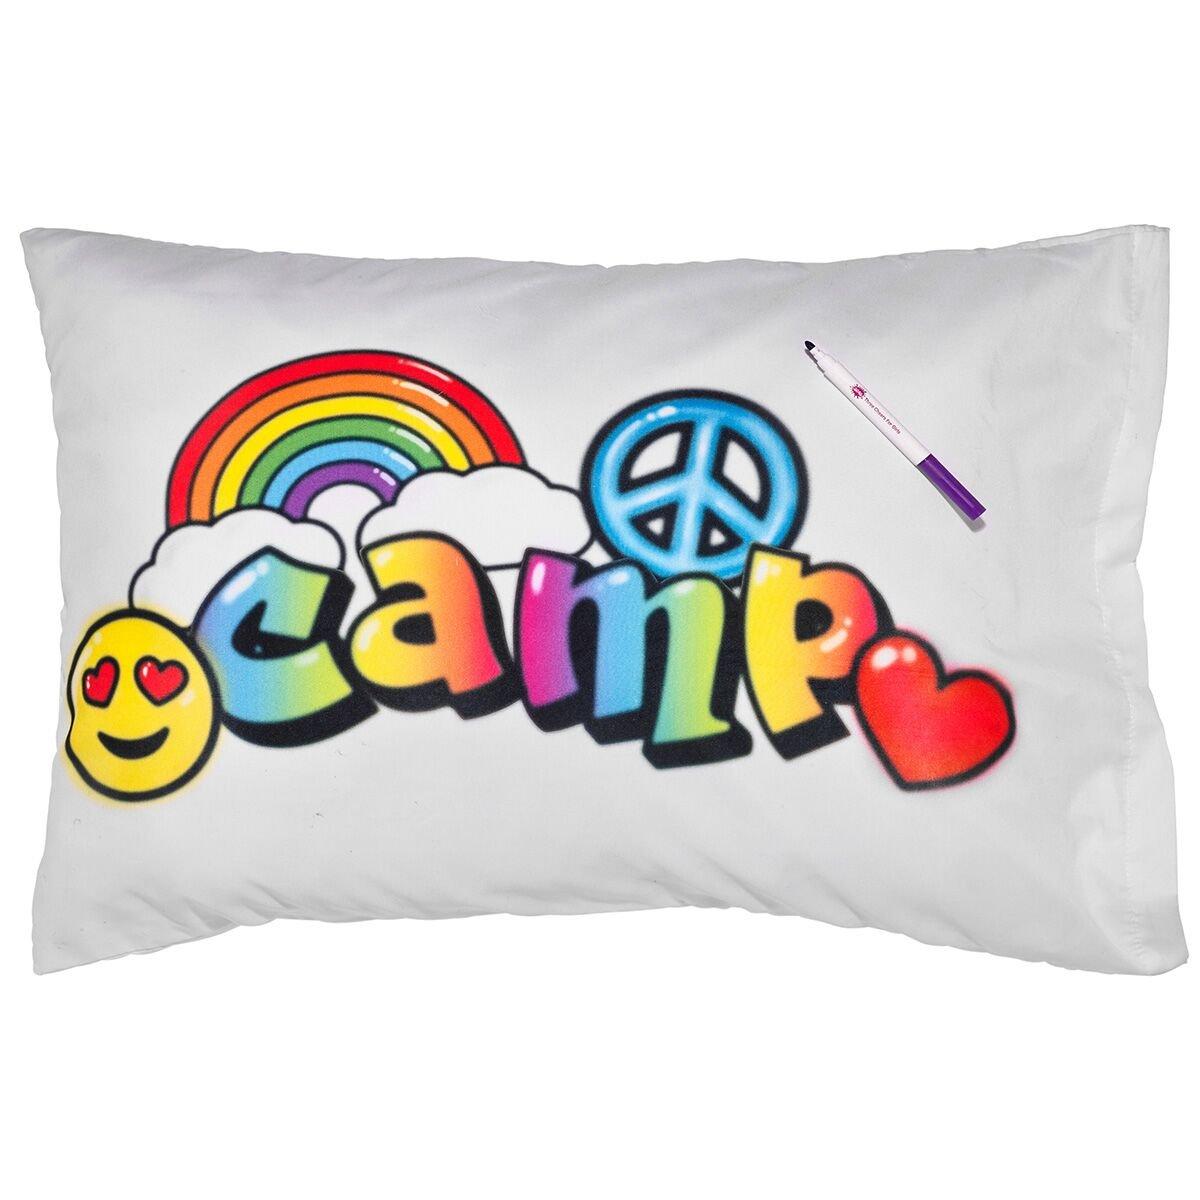 3C4G Air Brush Camp Autograph Pillowcase